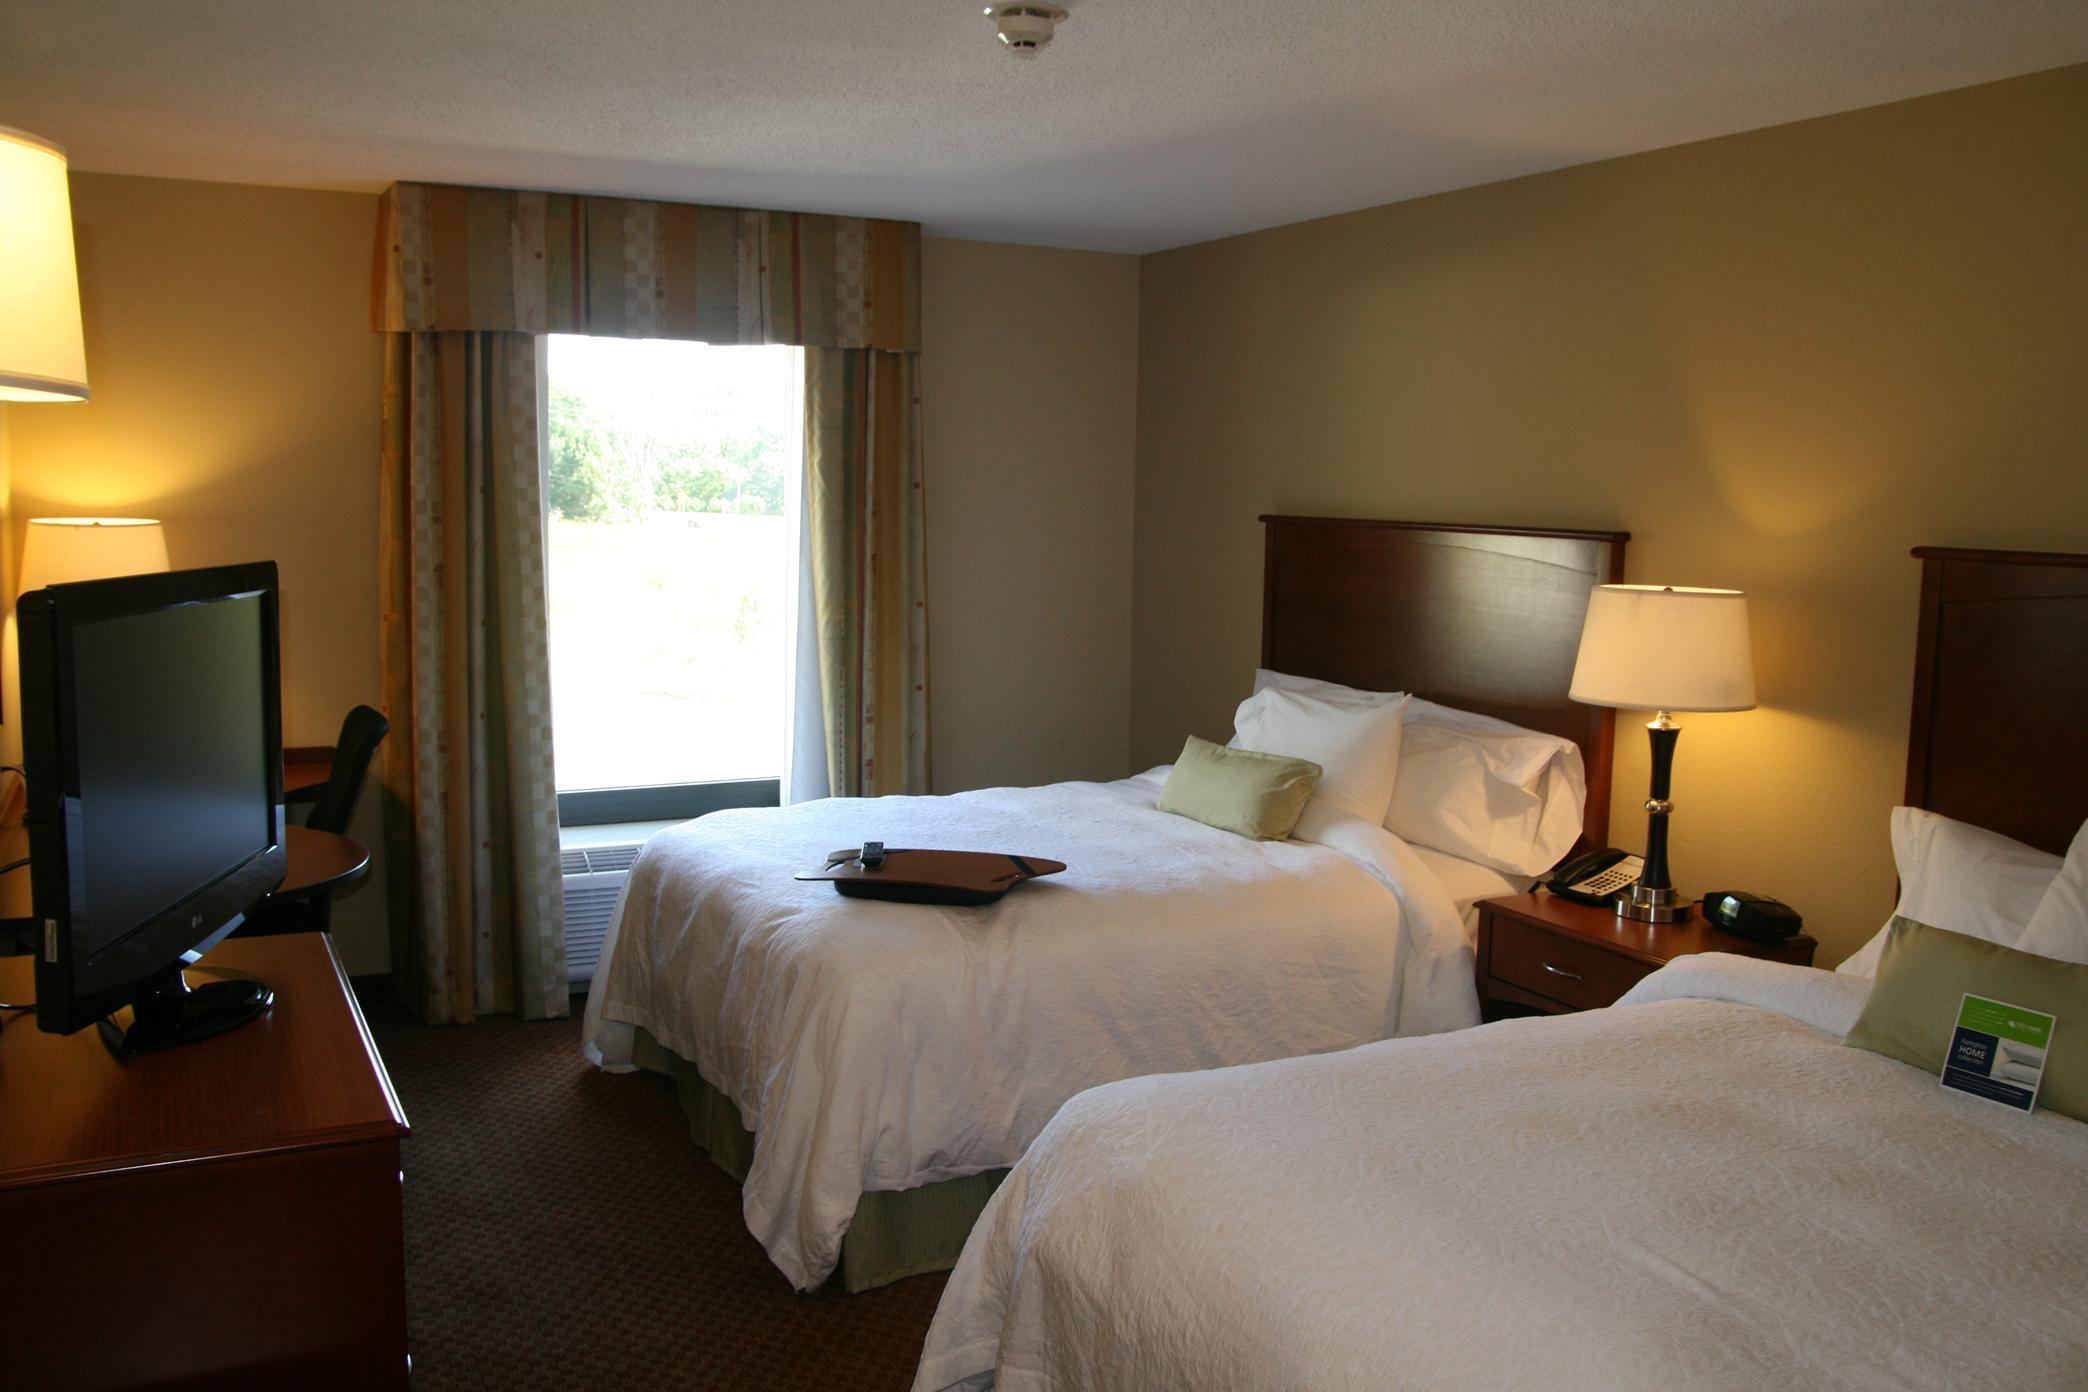 Hampton Inn & Suites Warren image 29